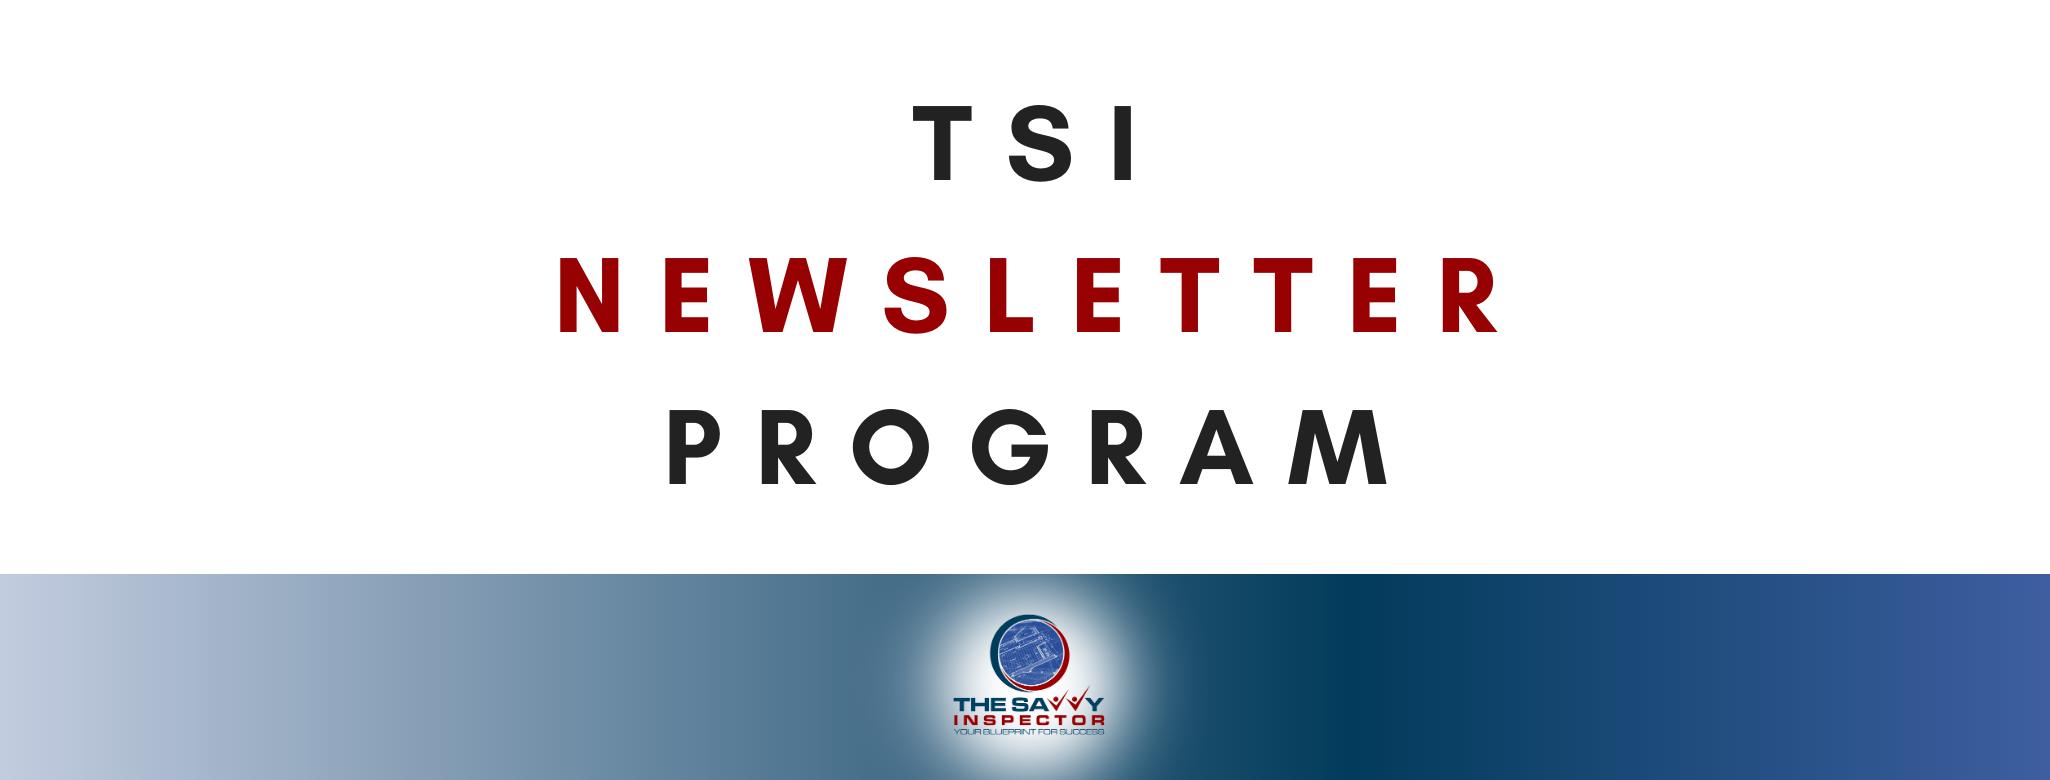 TSI Newsletter Program Banner 2